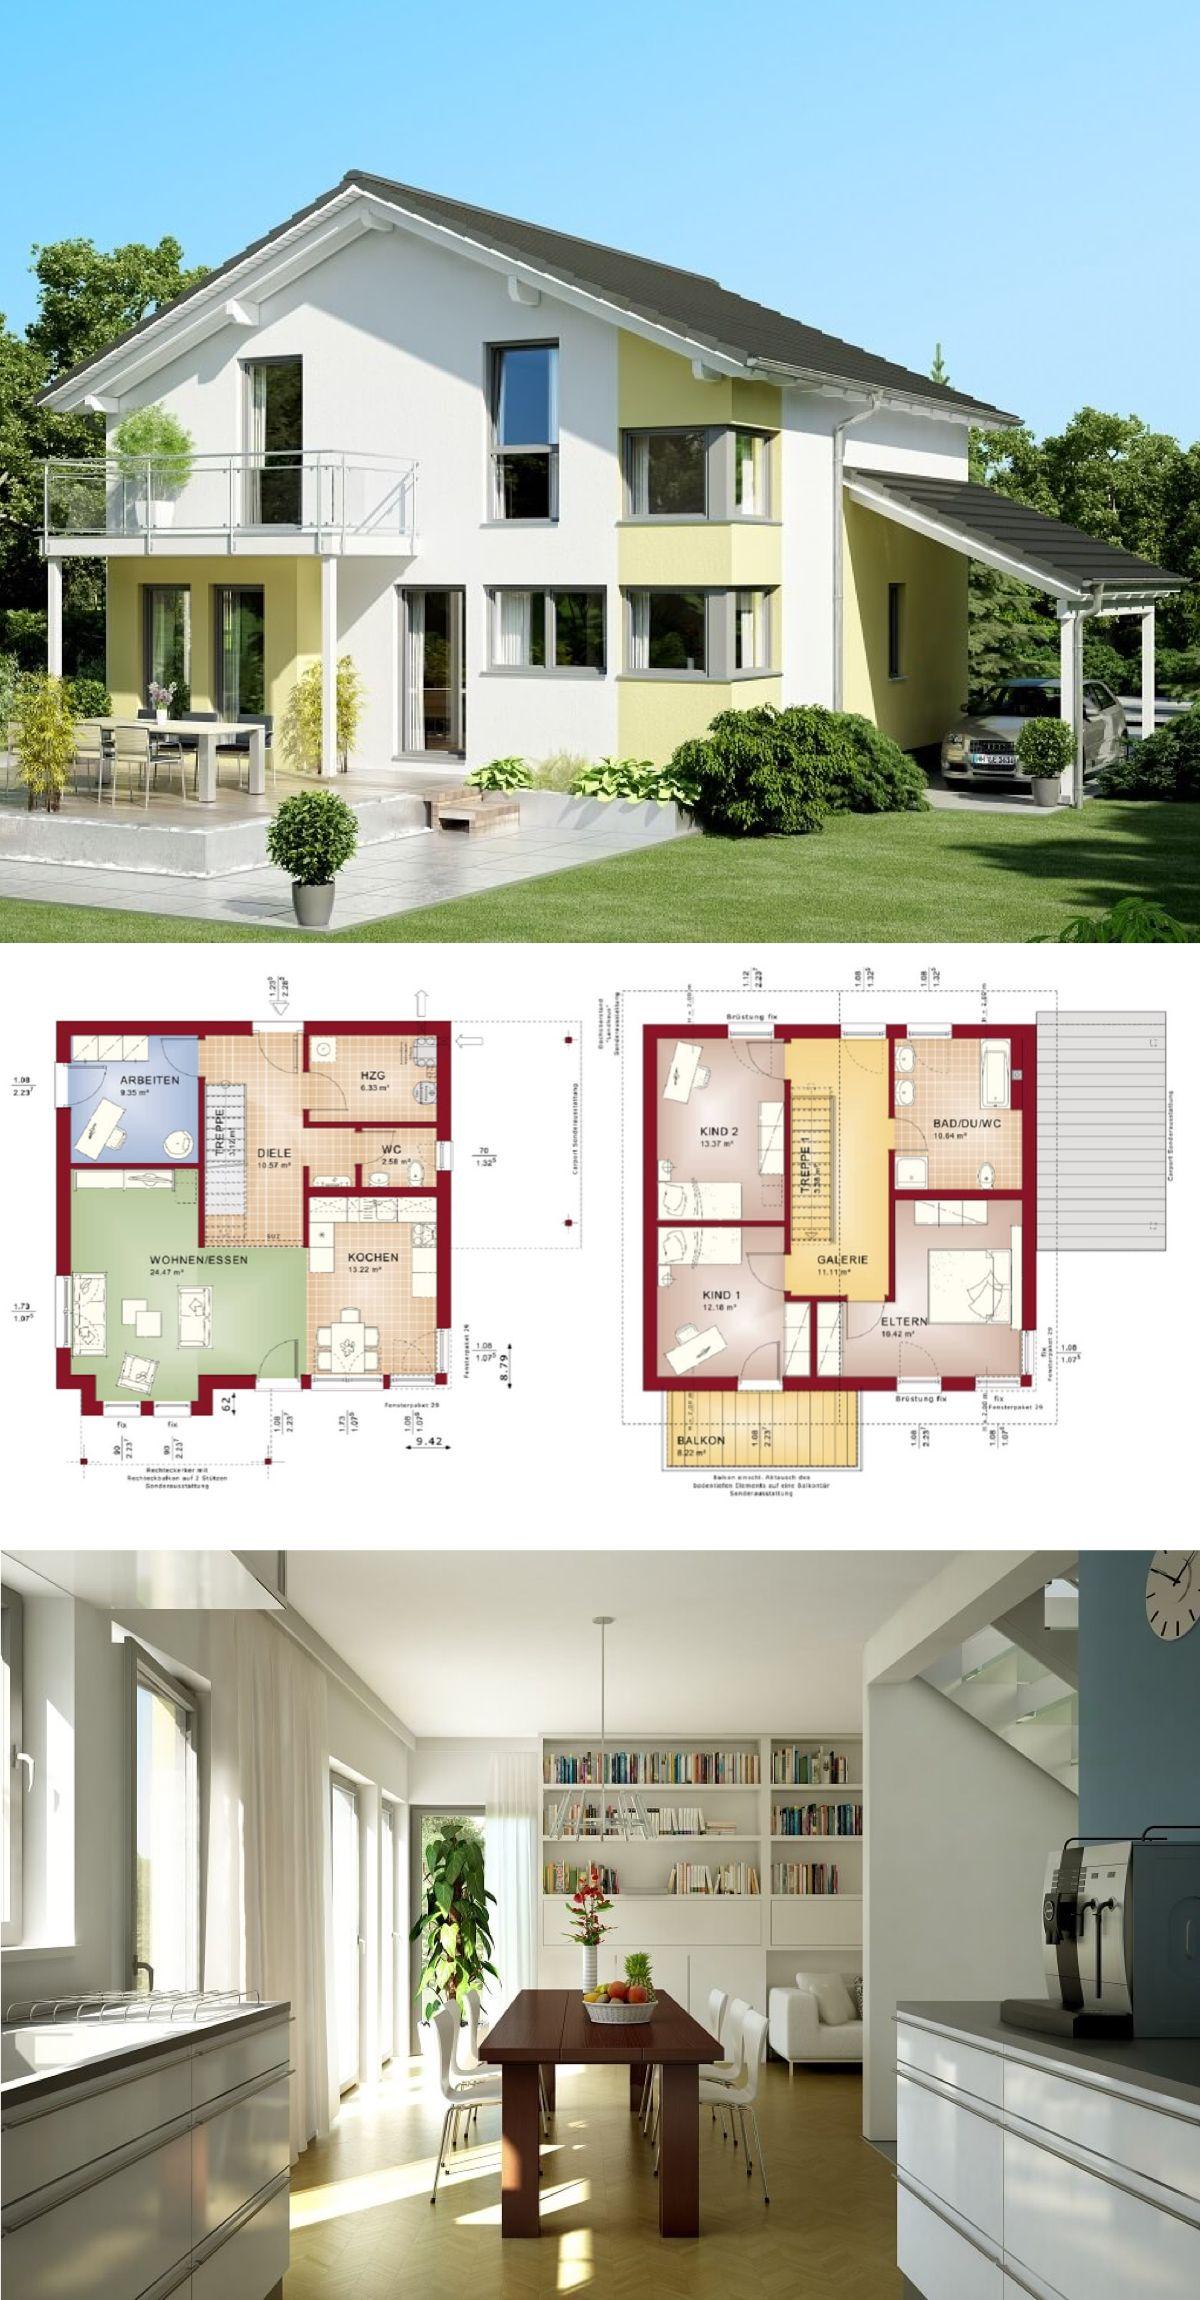 Modernes einfamilienhaus mit galerie satteldach carport for Modernes einfamilienhaus grundriss